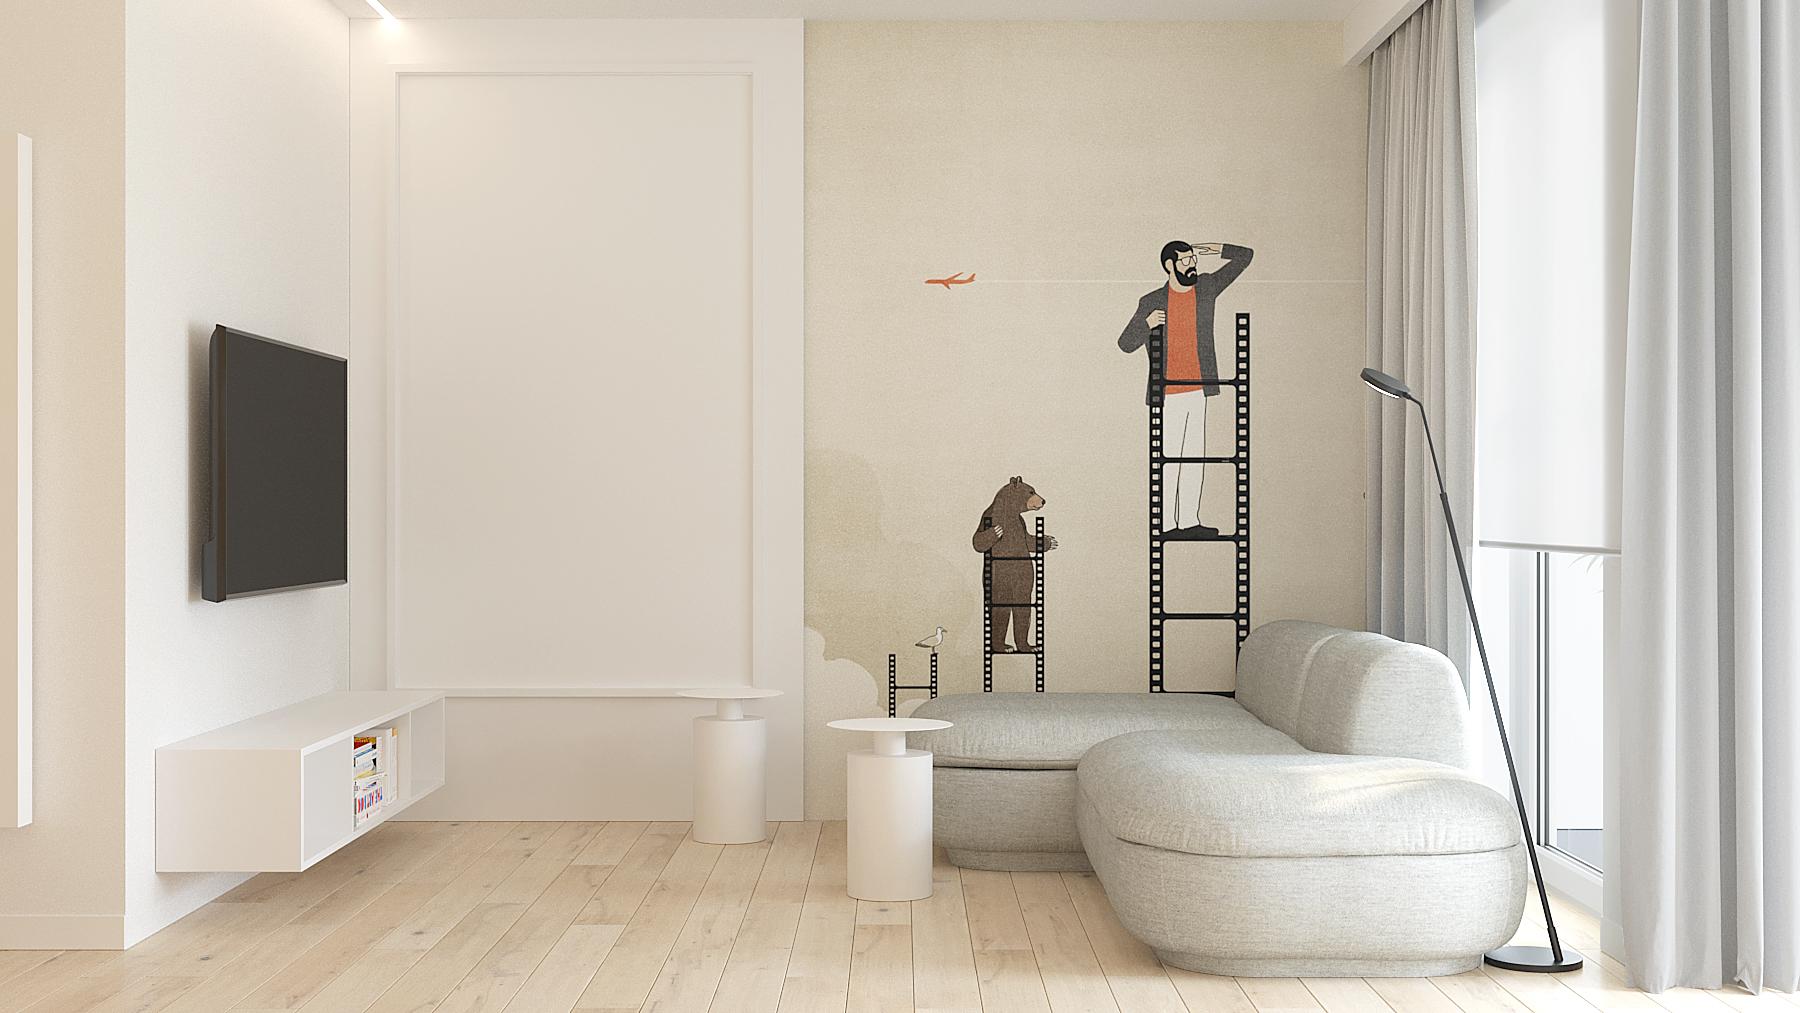 8 aranzowanie wnetrz M378 mieszkanie Katowice salon tapeta na scienie z grafika szara obla sofa okragly stolik kawowy telewizor zawieszony na scianie